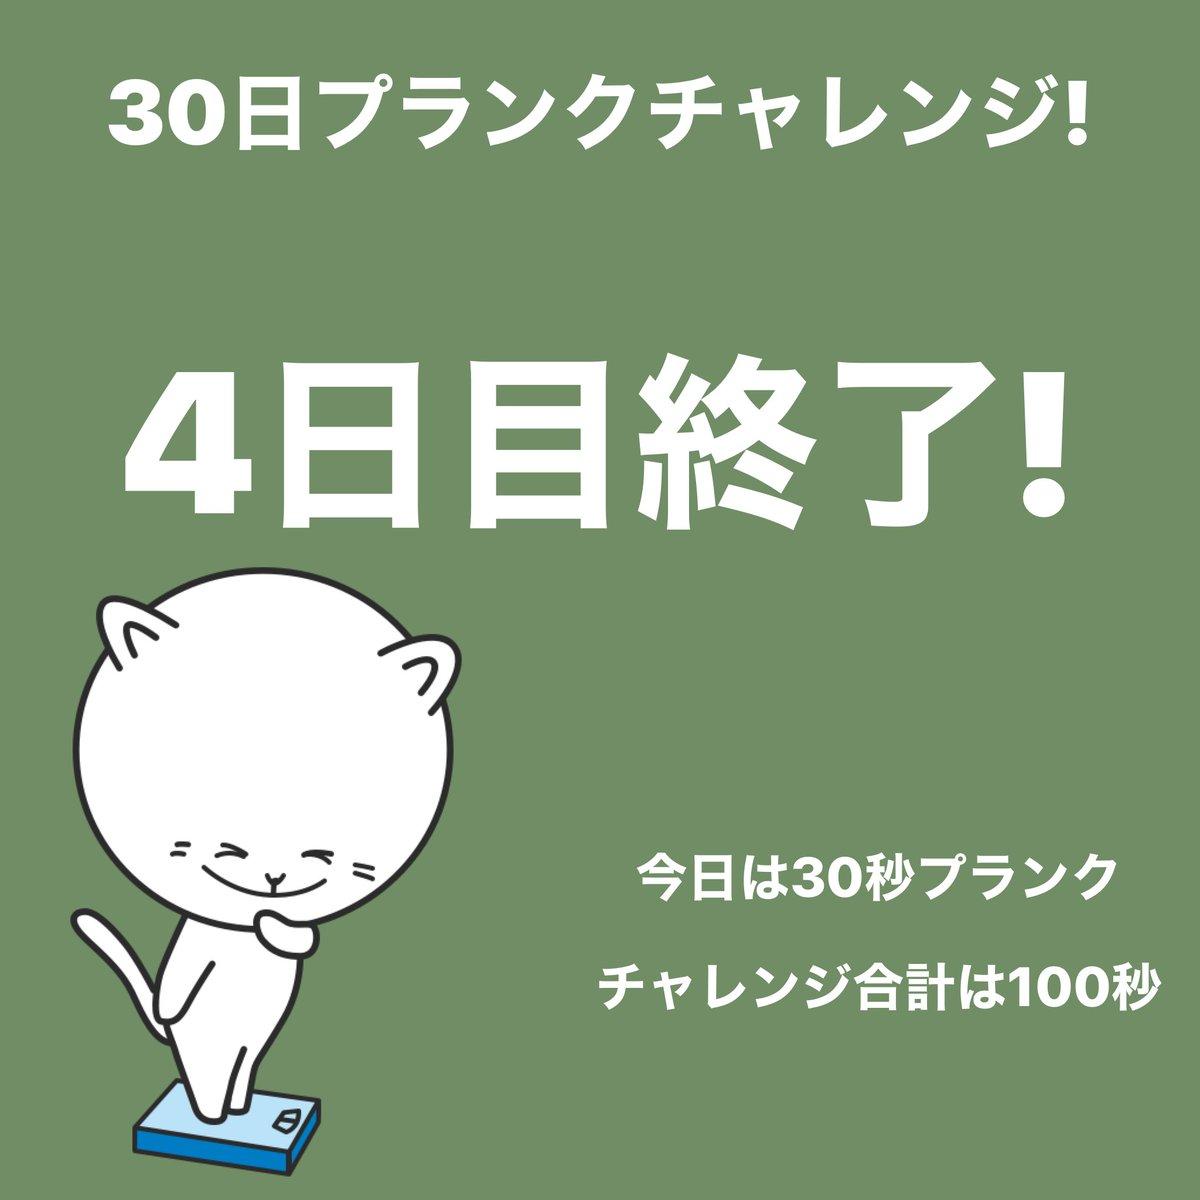 #プランクチャレンジ 4日目終了!今日は30秒プランクしました。 #30日チャレンジ